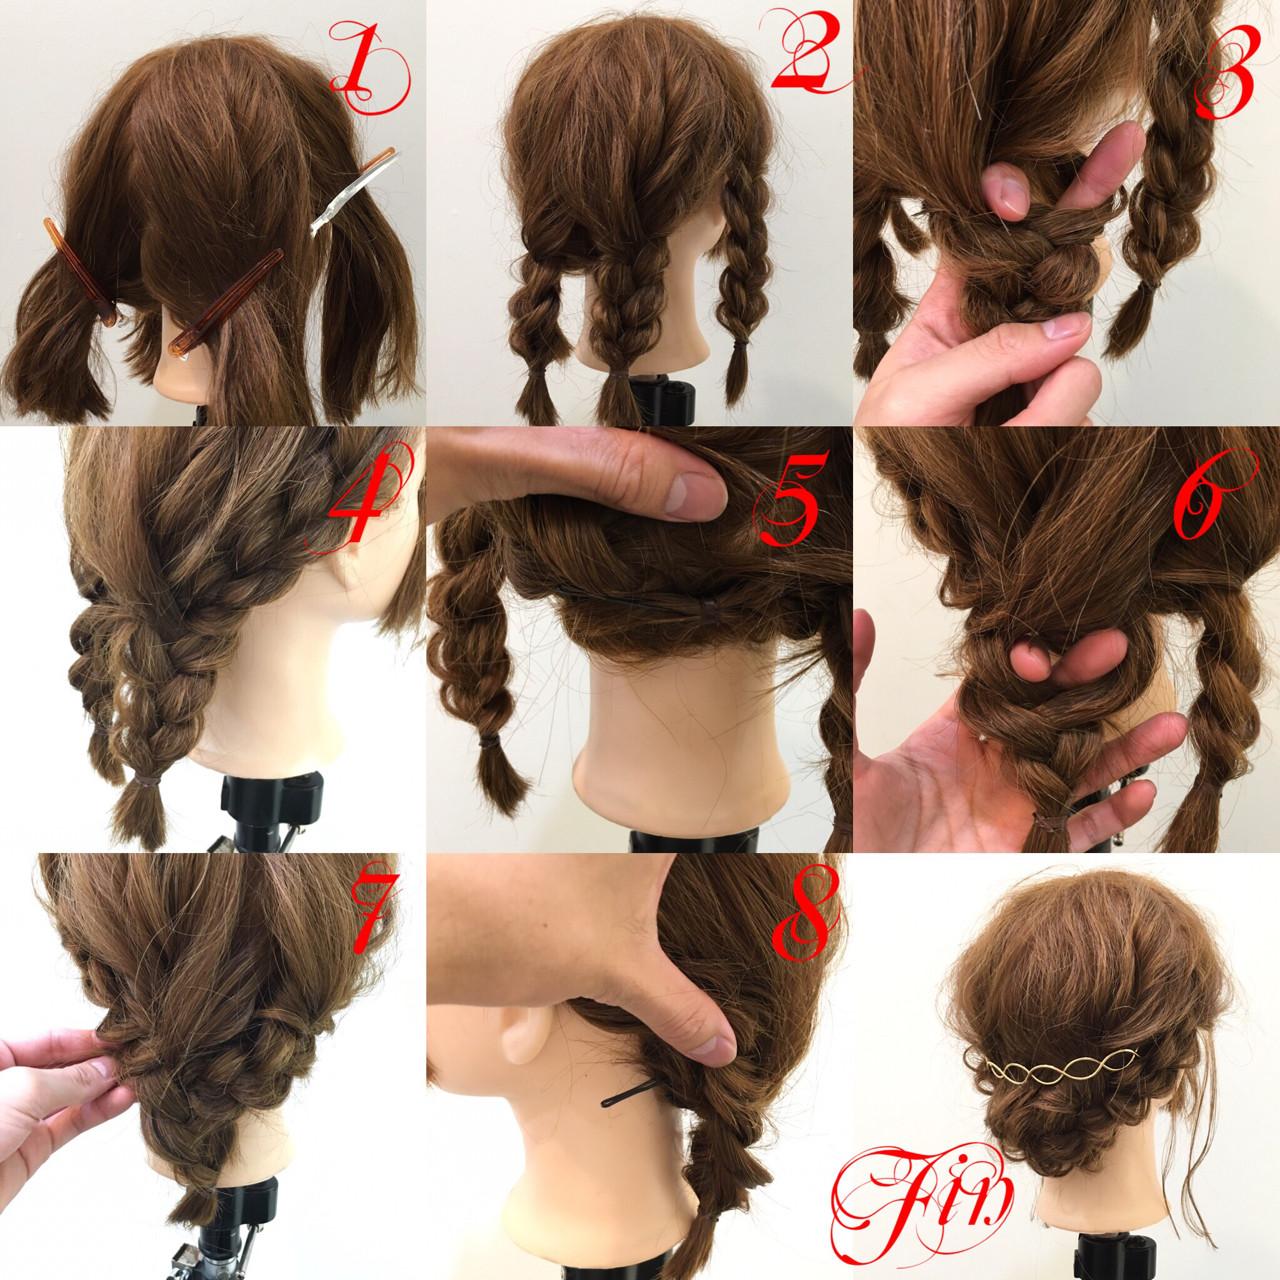 ショート ヘアアレンジ ゆるふわ ボブ ヘアスタイルや髪型の写真・画像 | hiroki / hair latelier emma